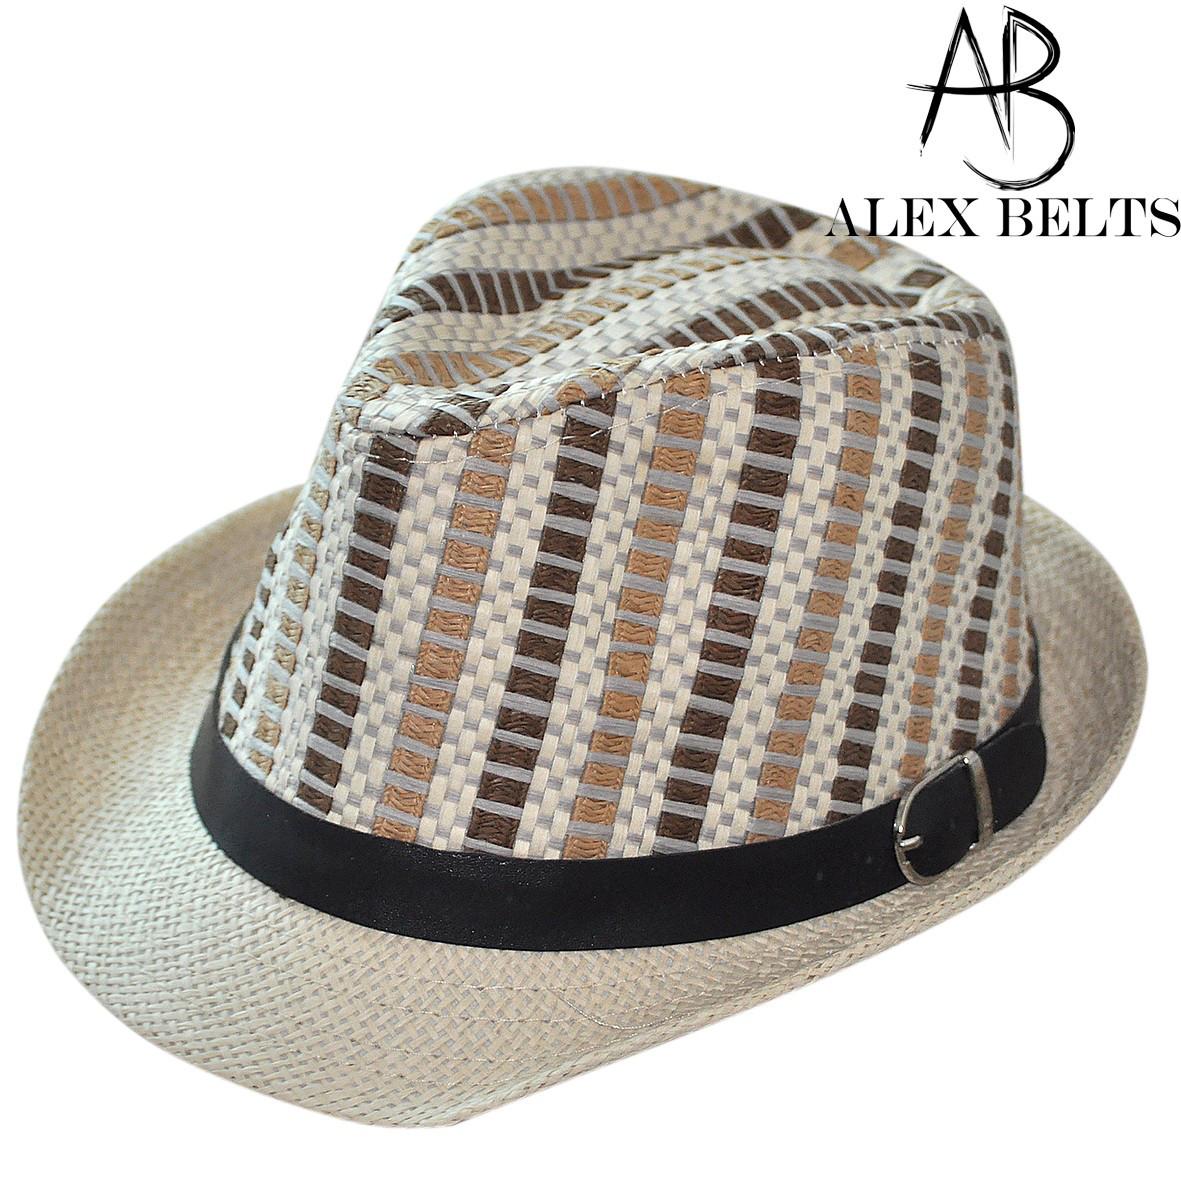 Шляпа соломенная  подросток с черным пояском унисекс р. 52-54 см -купить оптом в Одессе